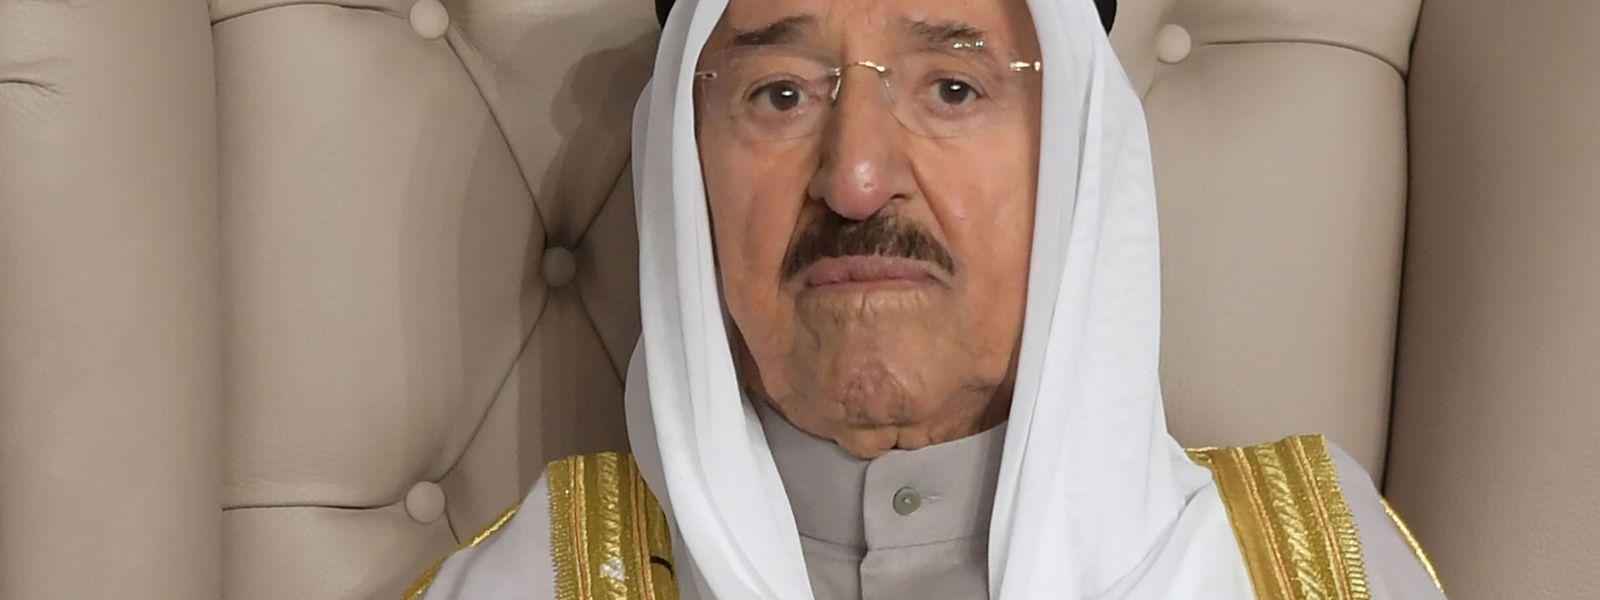 Scheich Sabah auf einer Archivaufnahme aus dem Jahr 2019.